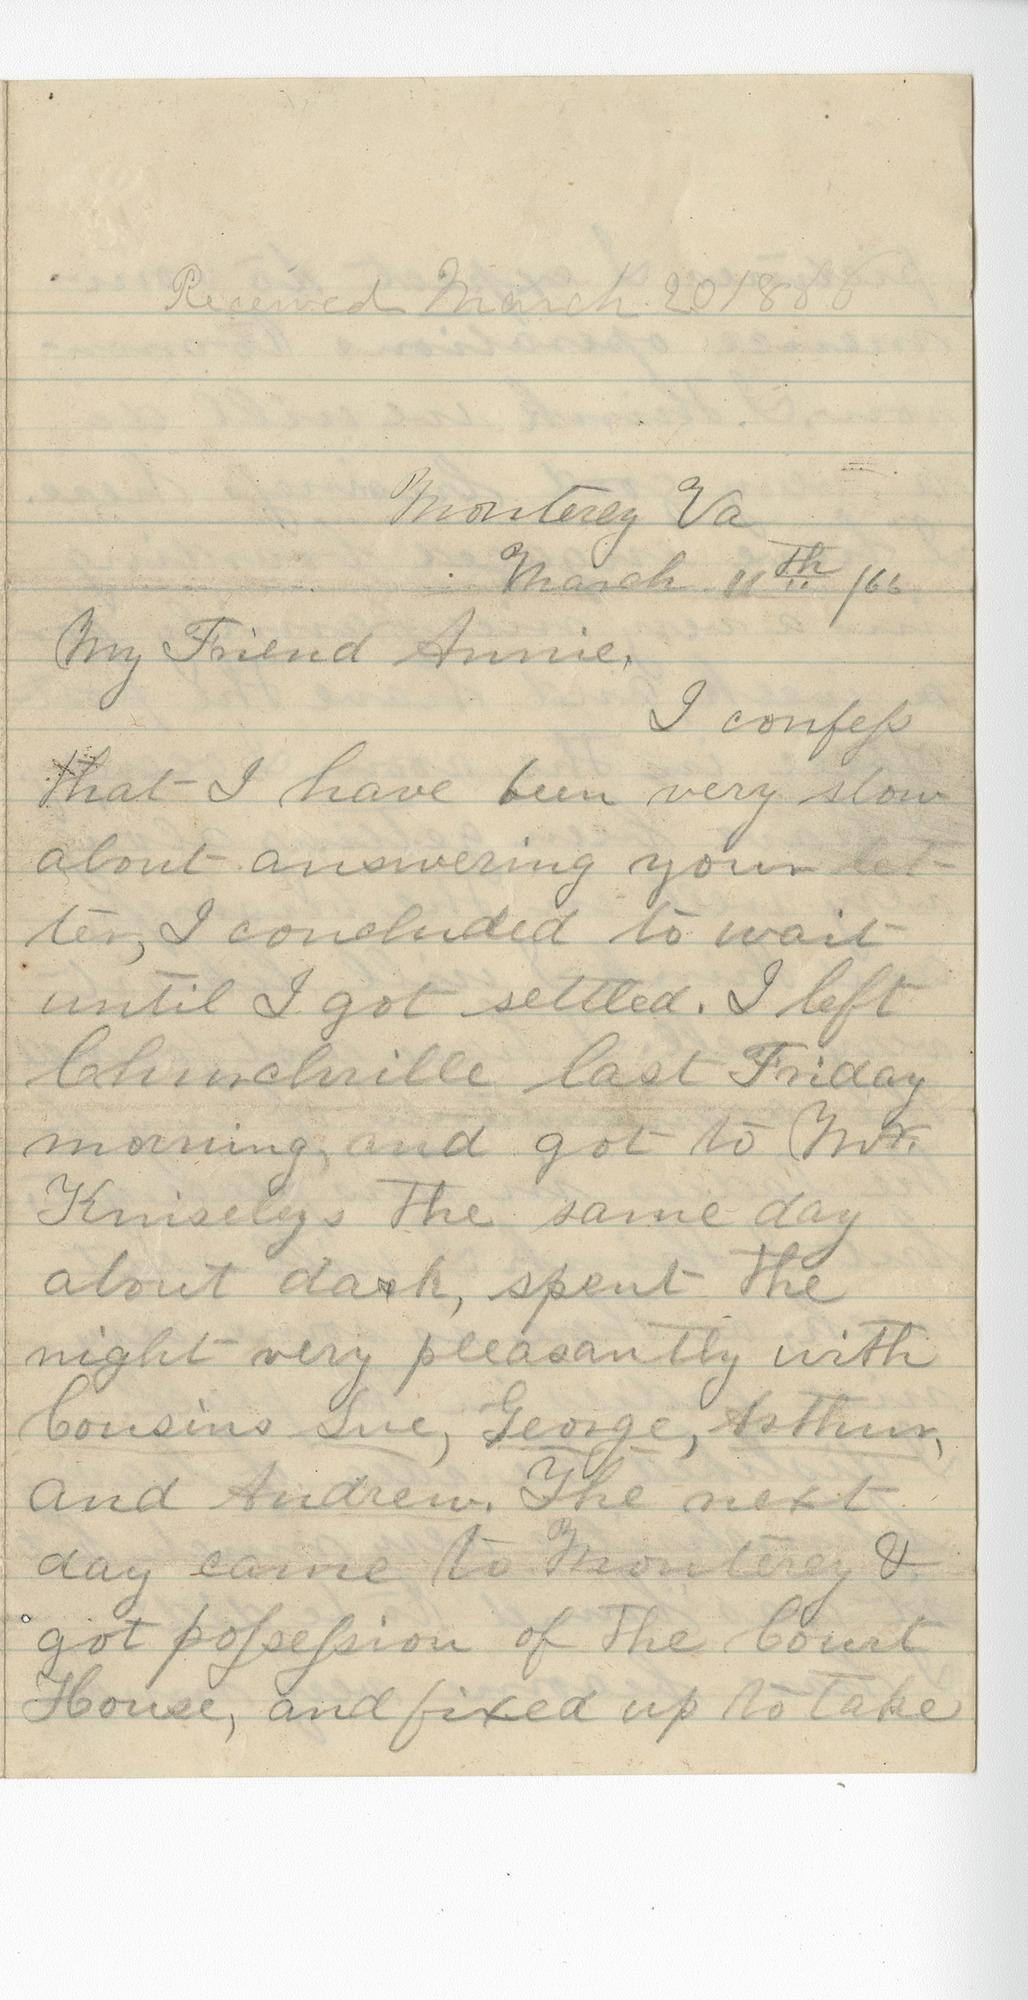 Ms2016-013_HeizerJames_Letter_1866_0311a.jpg